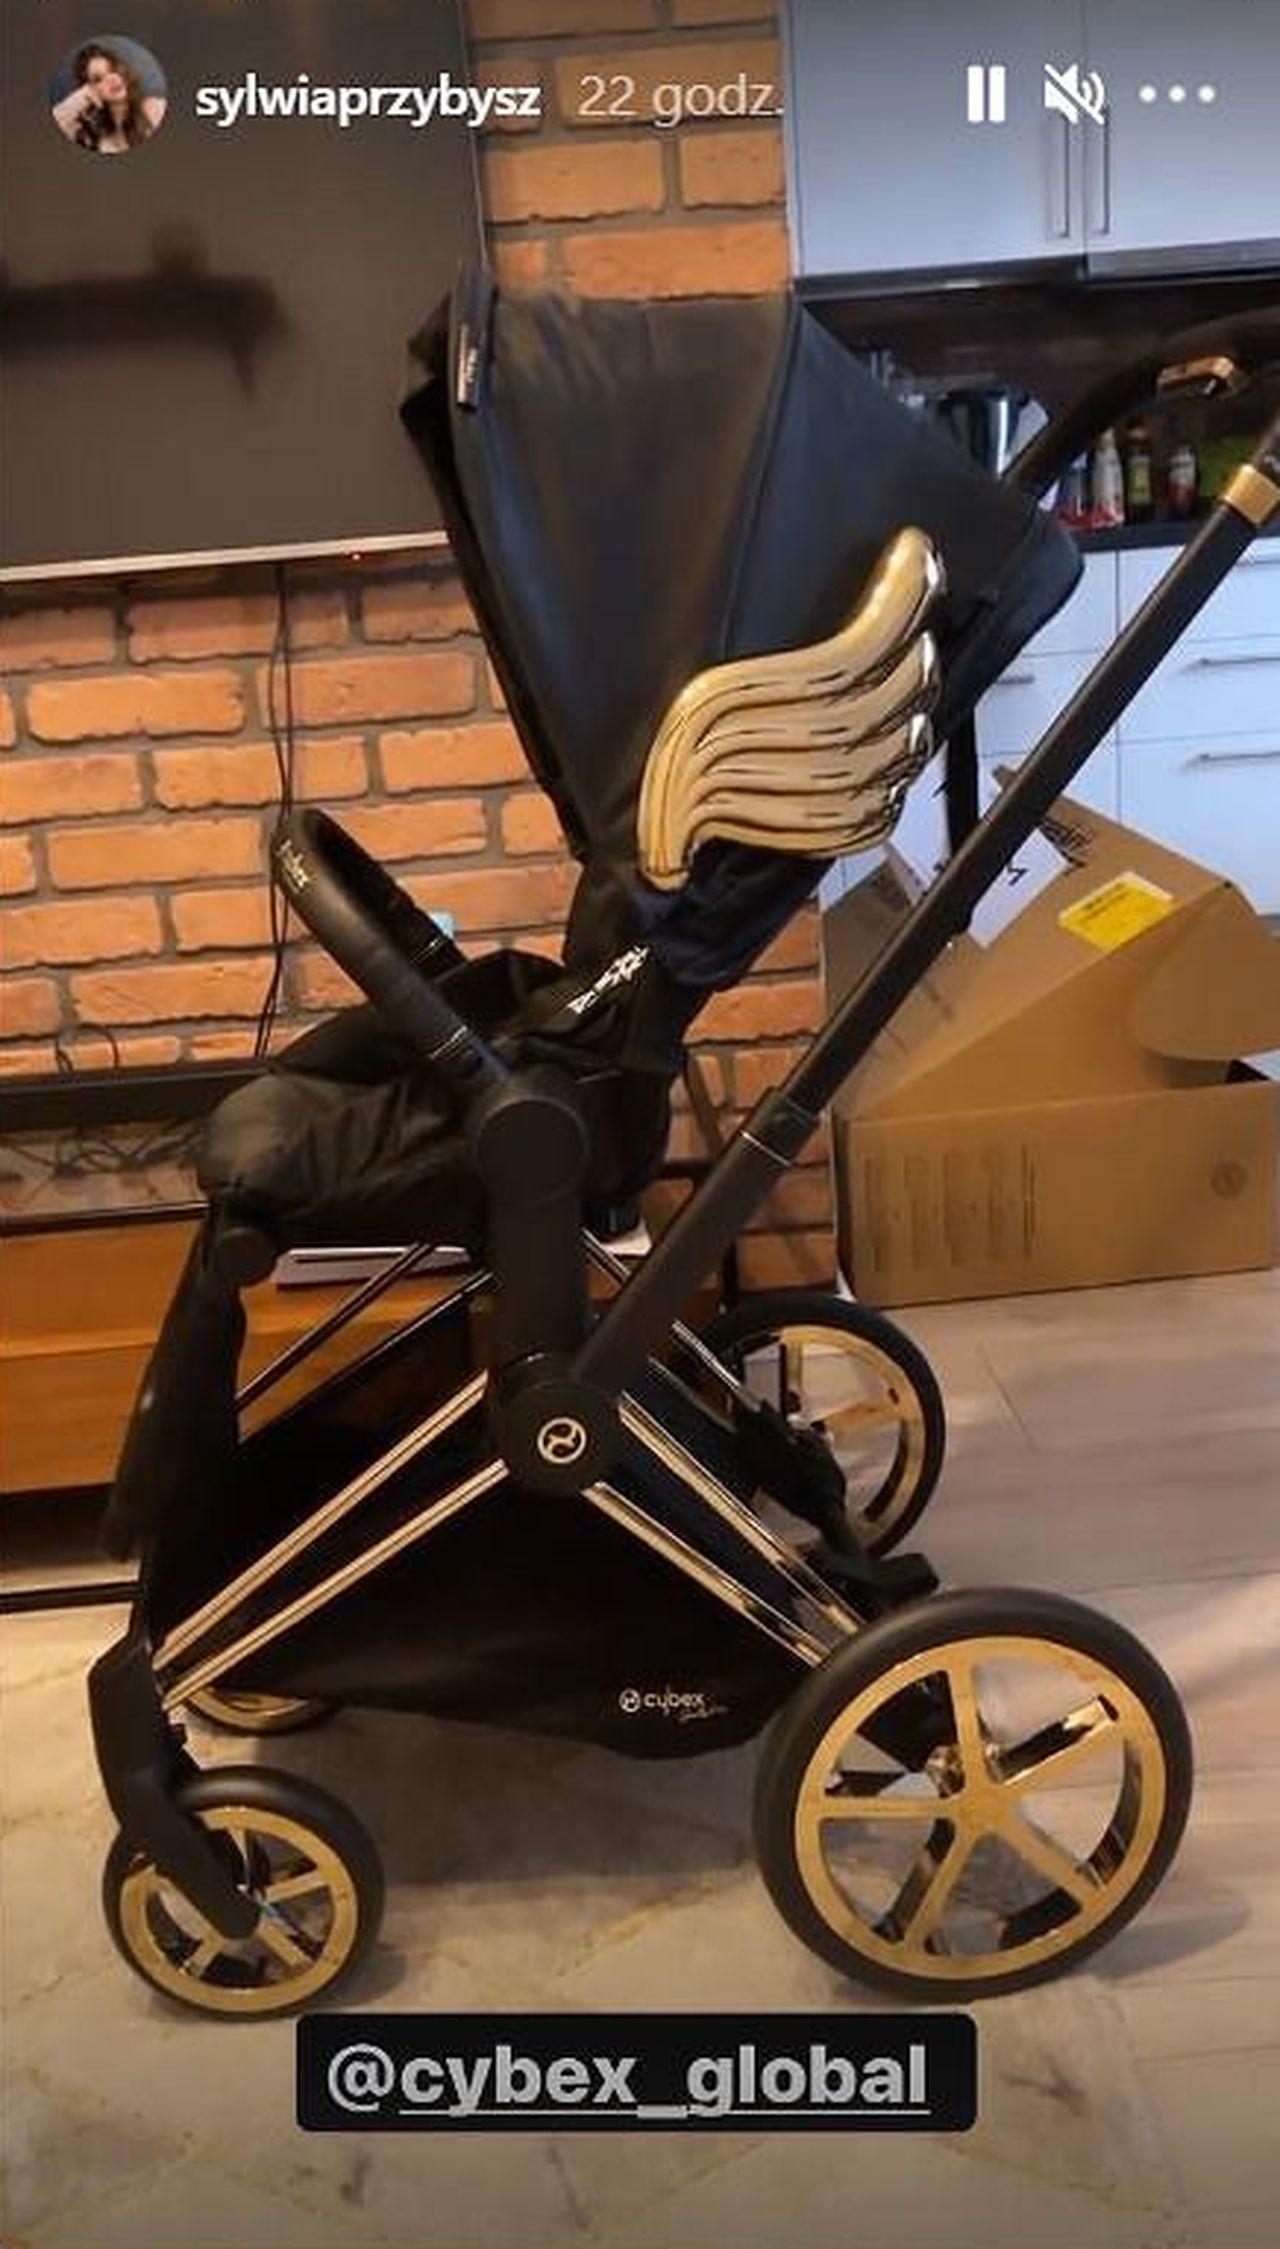 Sylwia Przybysz pokazała wózek